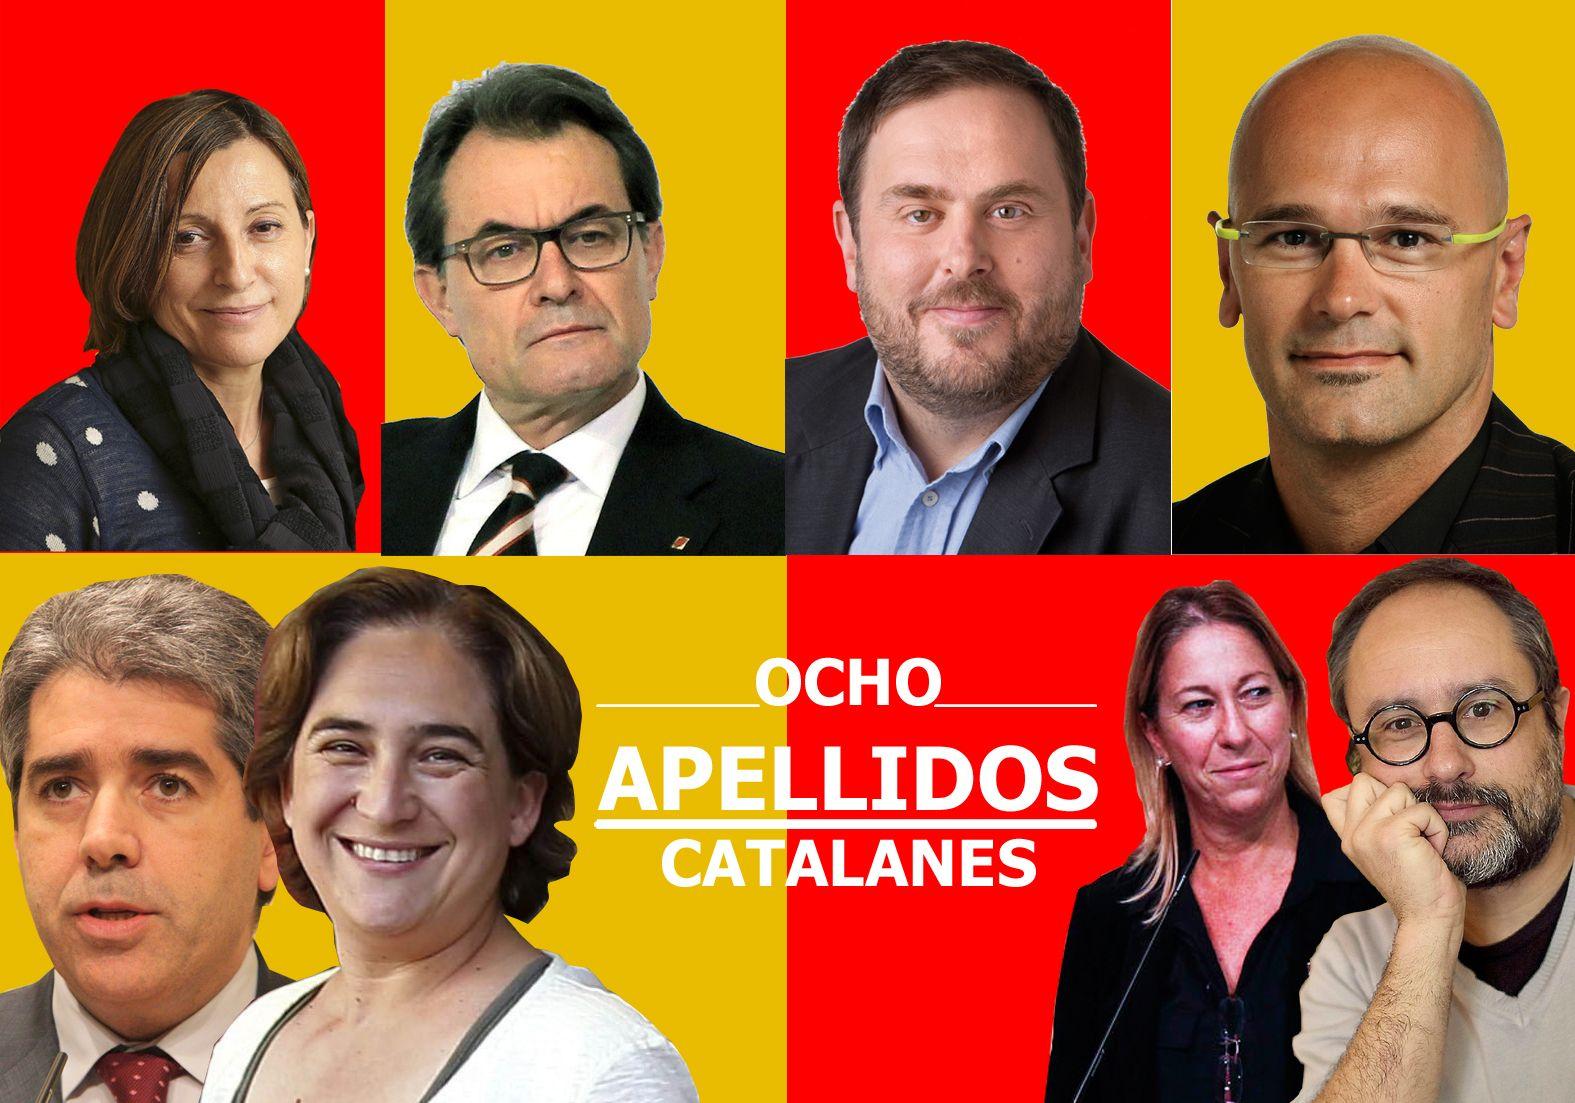 """8 Apellidos Vascos Porno ocho apellidos catalanes"""""""